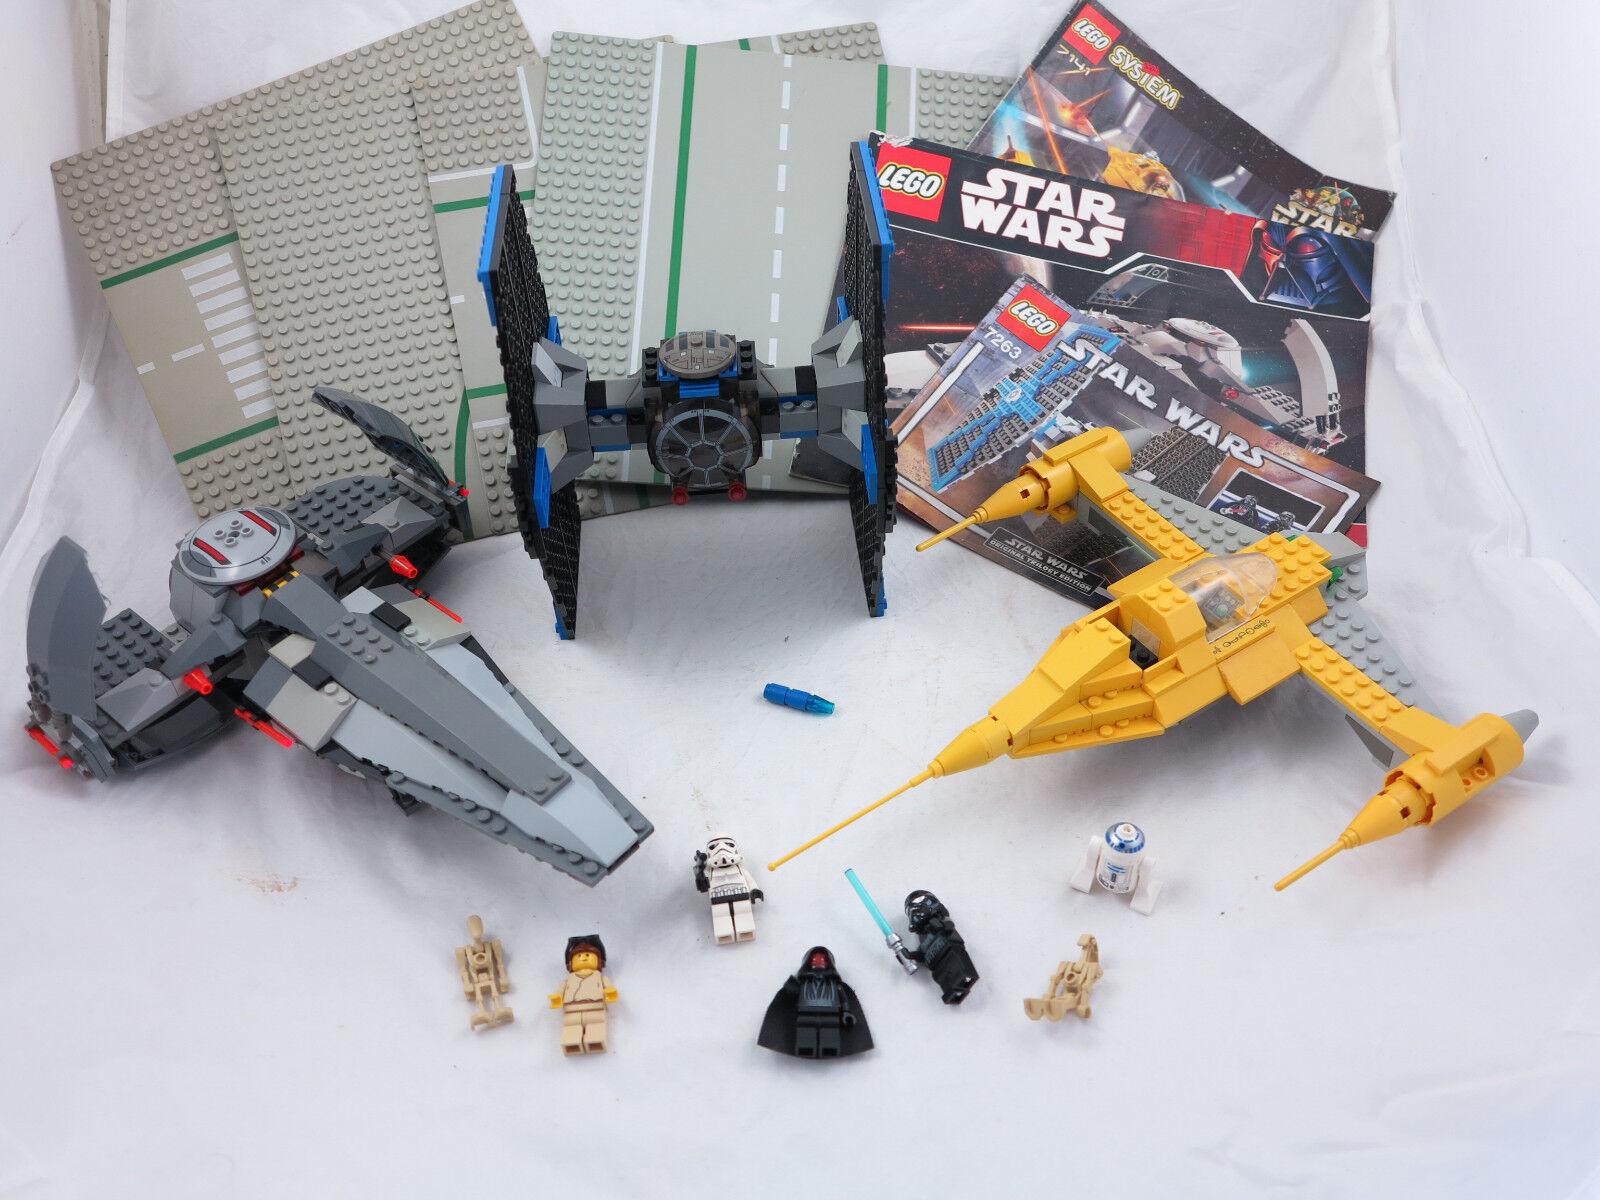 Lego Star Wars 7141 7663 7263  nave espacial, naves espaciales + 4-discos  + oba ()